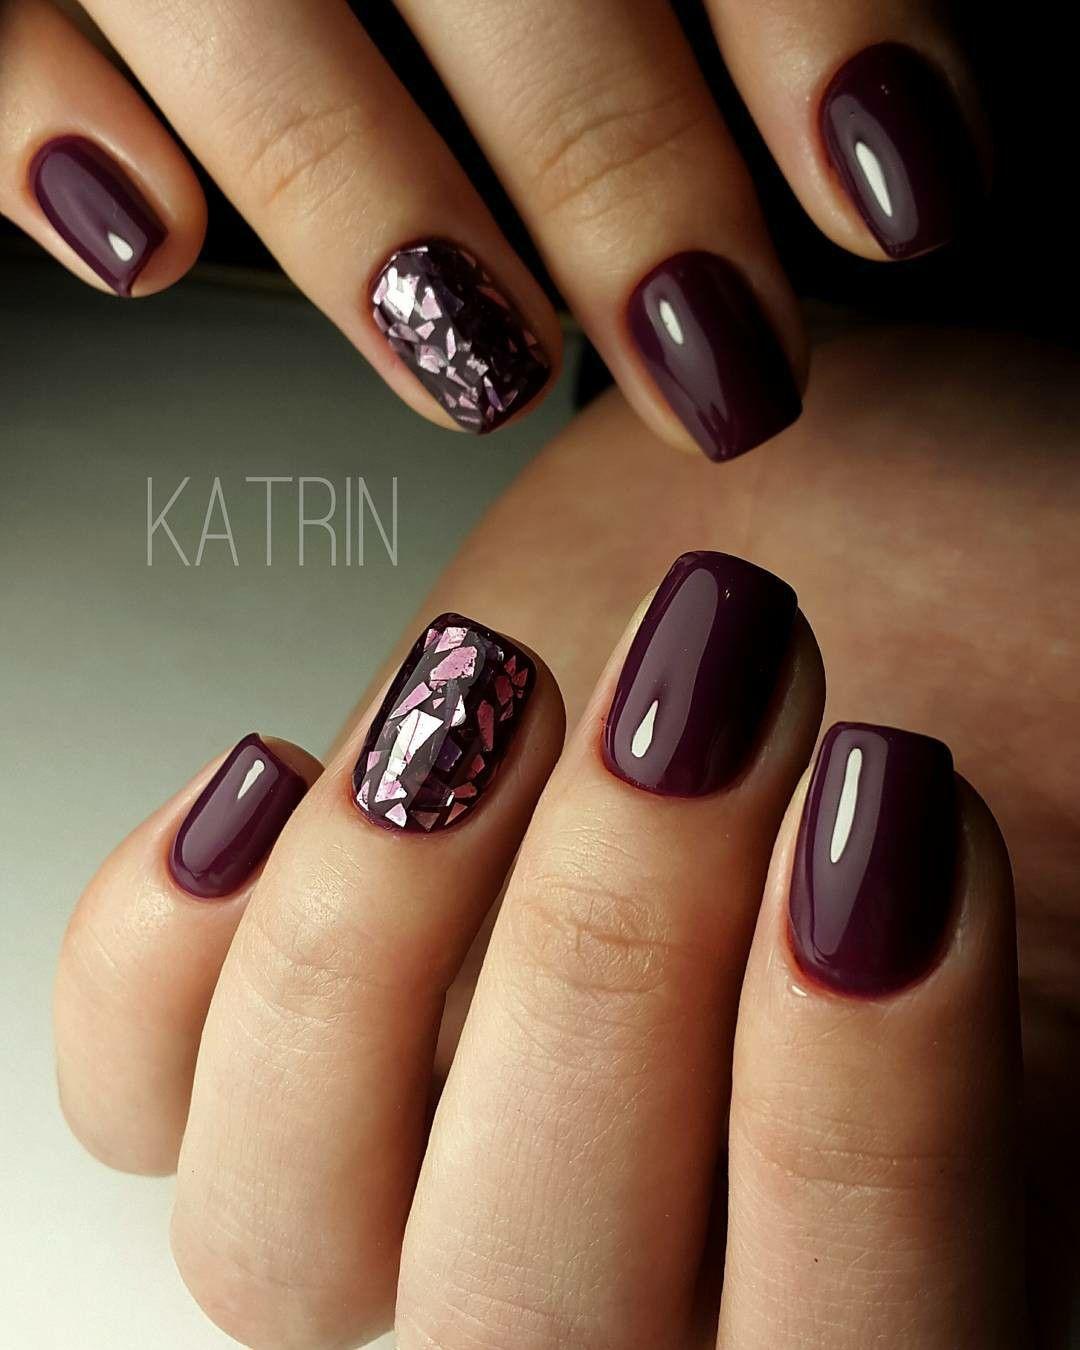 Pin by Sabrina Ostro on Screenshots  Makeup nails designs, Shiny